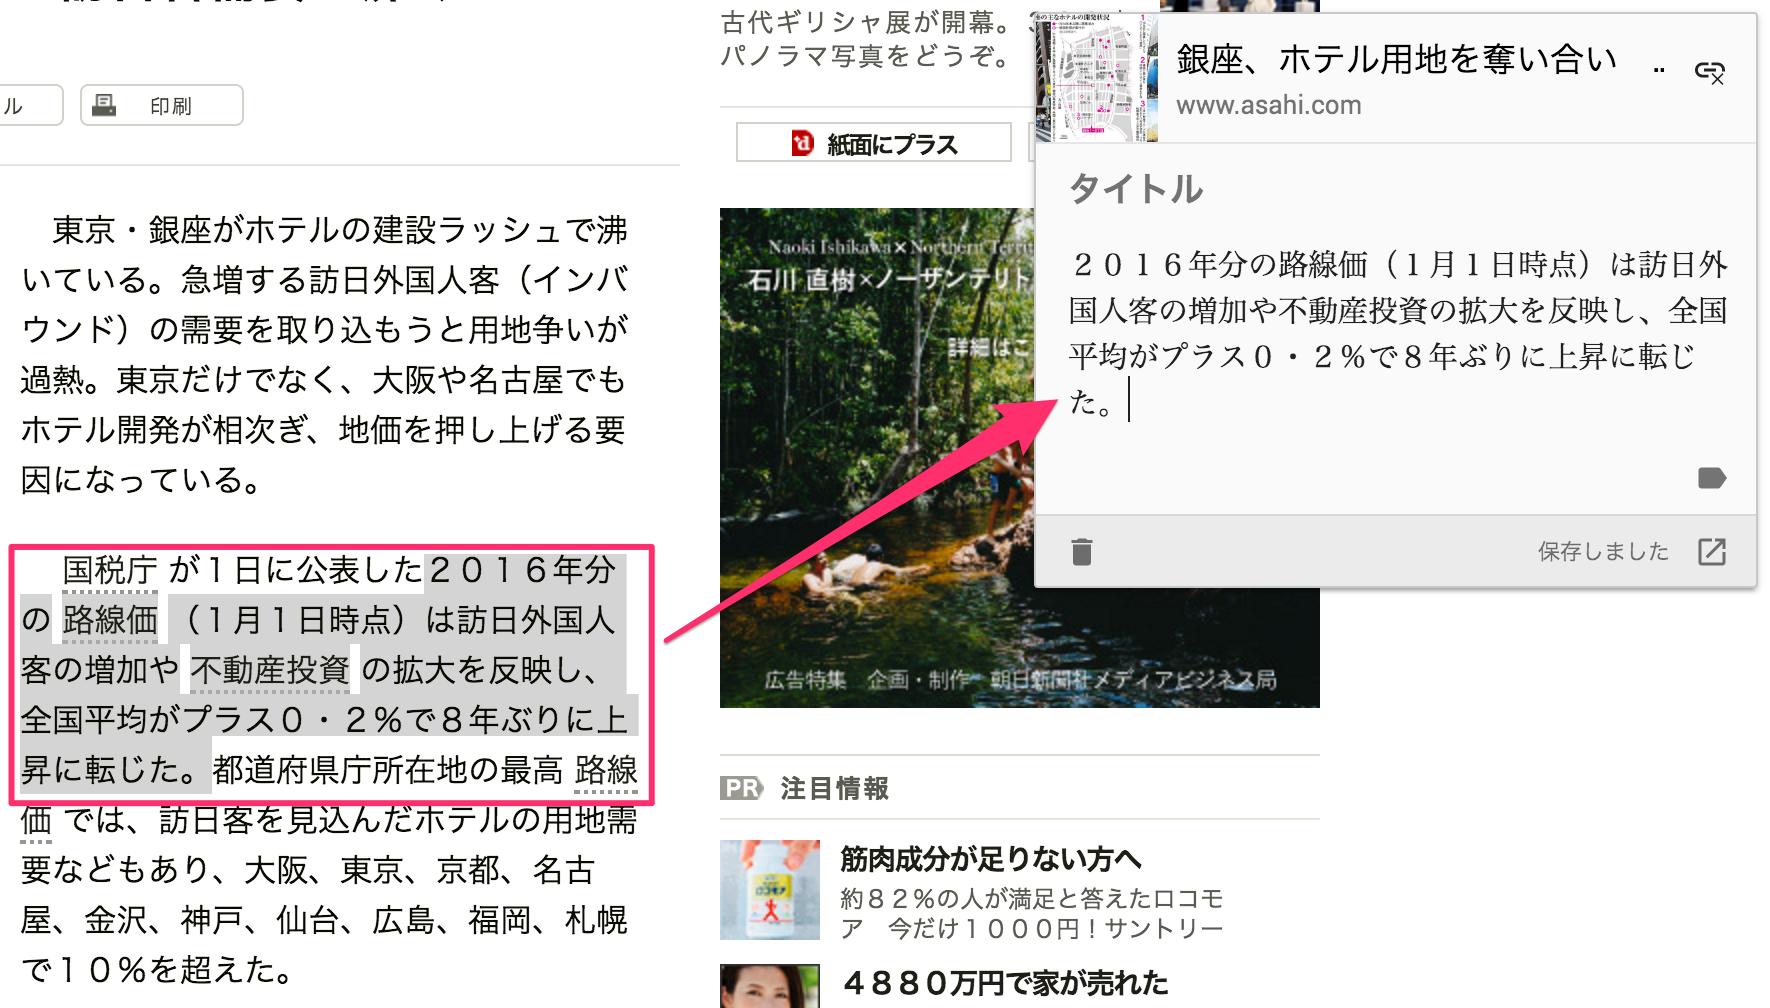 銀座、ホテル用地を奪い合い 訪日客需要で沸く:朝日新聞デジタル.23639225d1764734829f09f75268a8b6